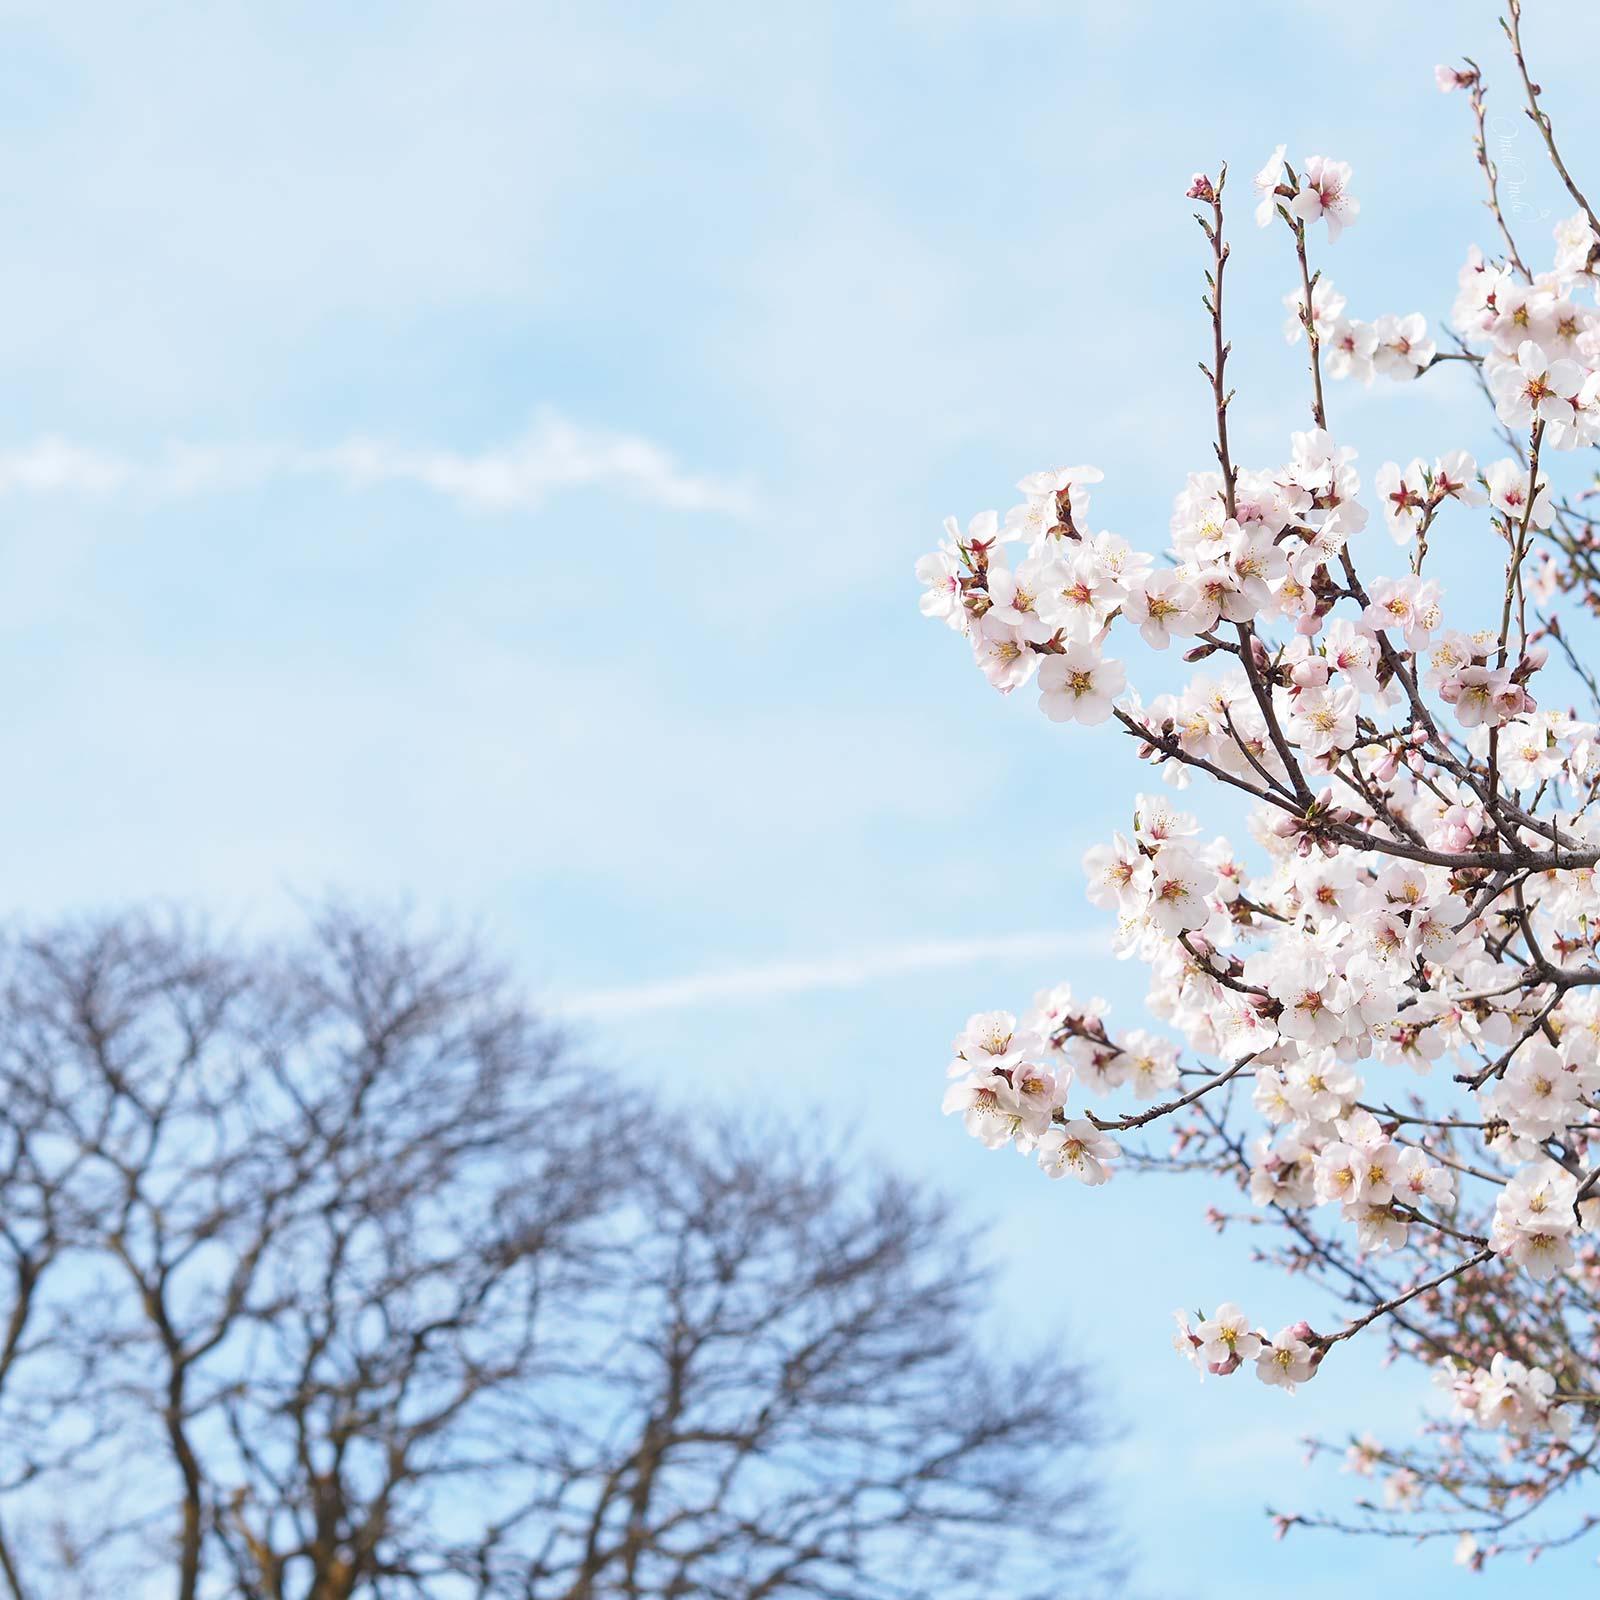 printemps-prunus-dulcis-amandier-valladolid-flowersbymelimelo-laboutiquedemelimelo